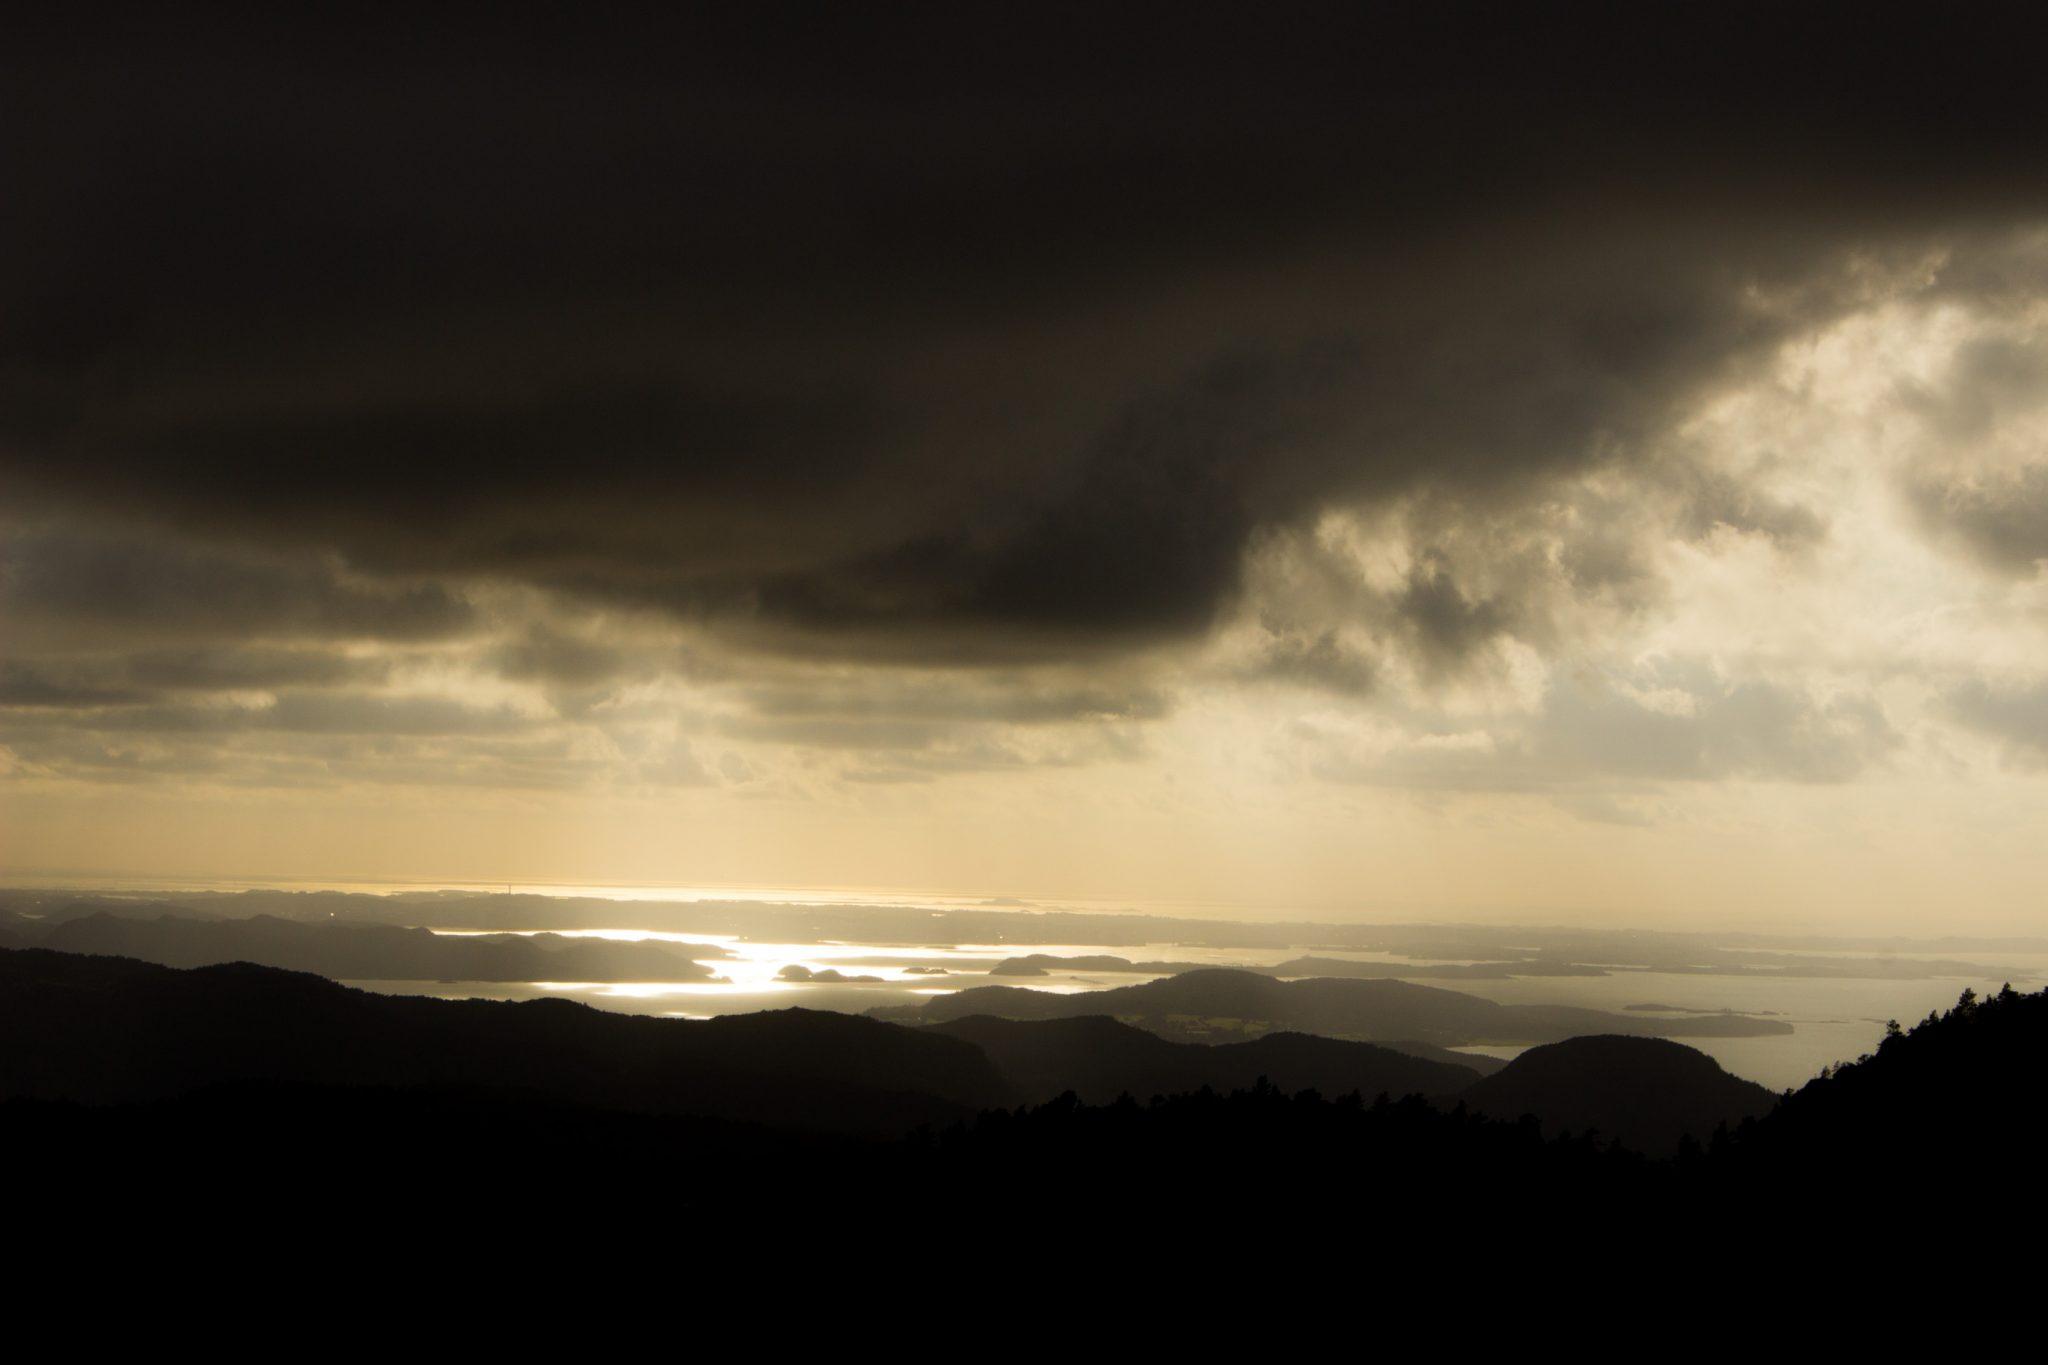 Wanderung zum Pulpit Rock Preikestolen, berühmtester Felsen in Norwegen, Blick auf Fjordlandschaft mit Sonnenuntergang, schönes Licht, Rückweg der Wanderung vom Pulpit Rock